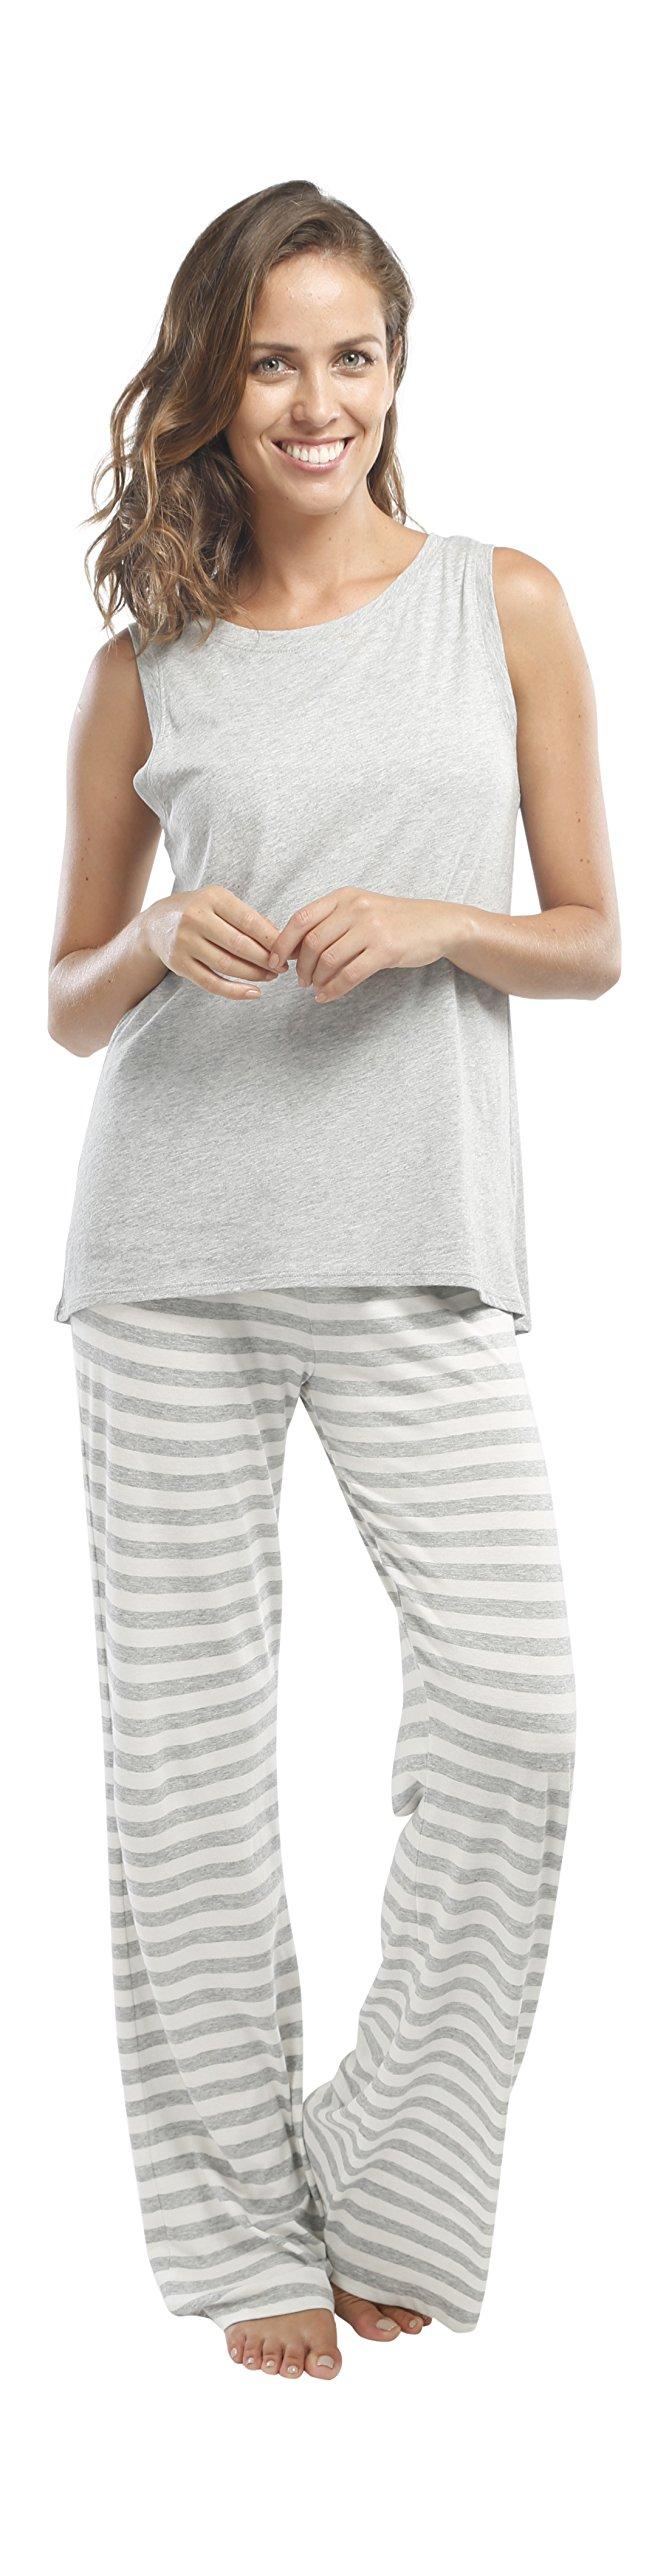 jijamas Incredibly Soft Pima Cotton Women's Pajama Set ''The Hoodie Set'' In Heather Grey by jijamas (Image #4)